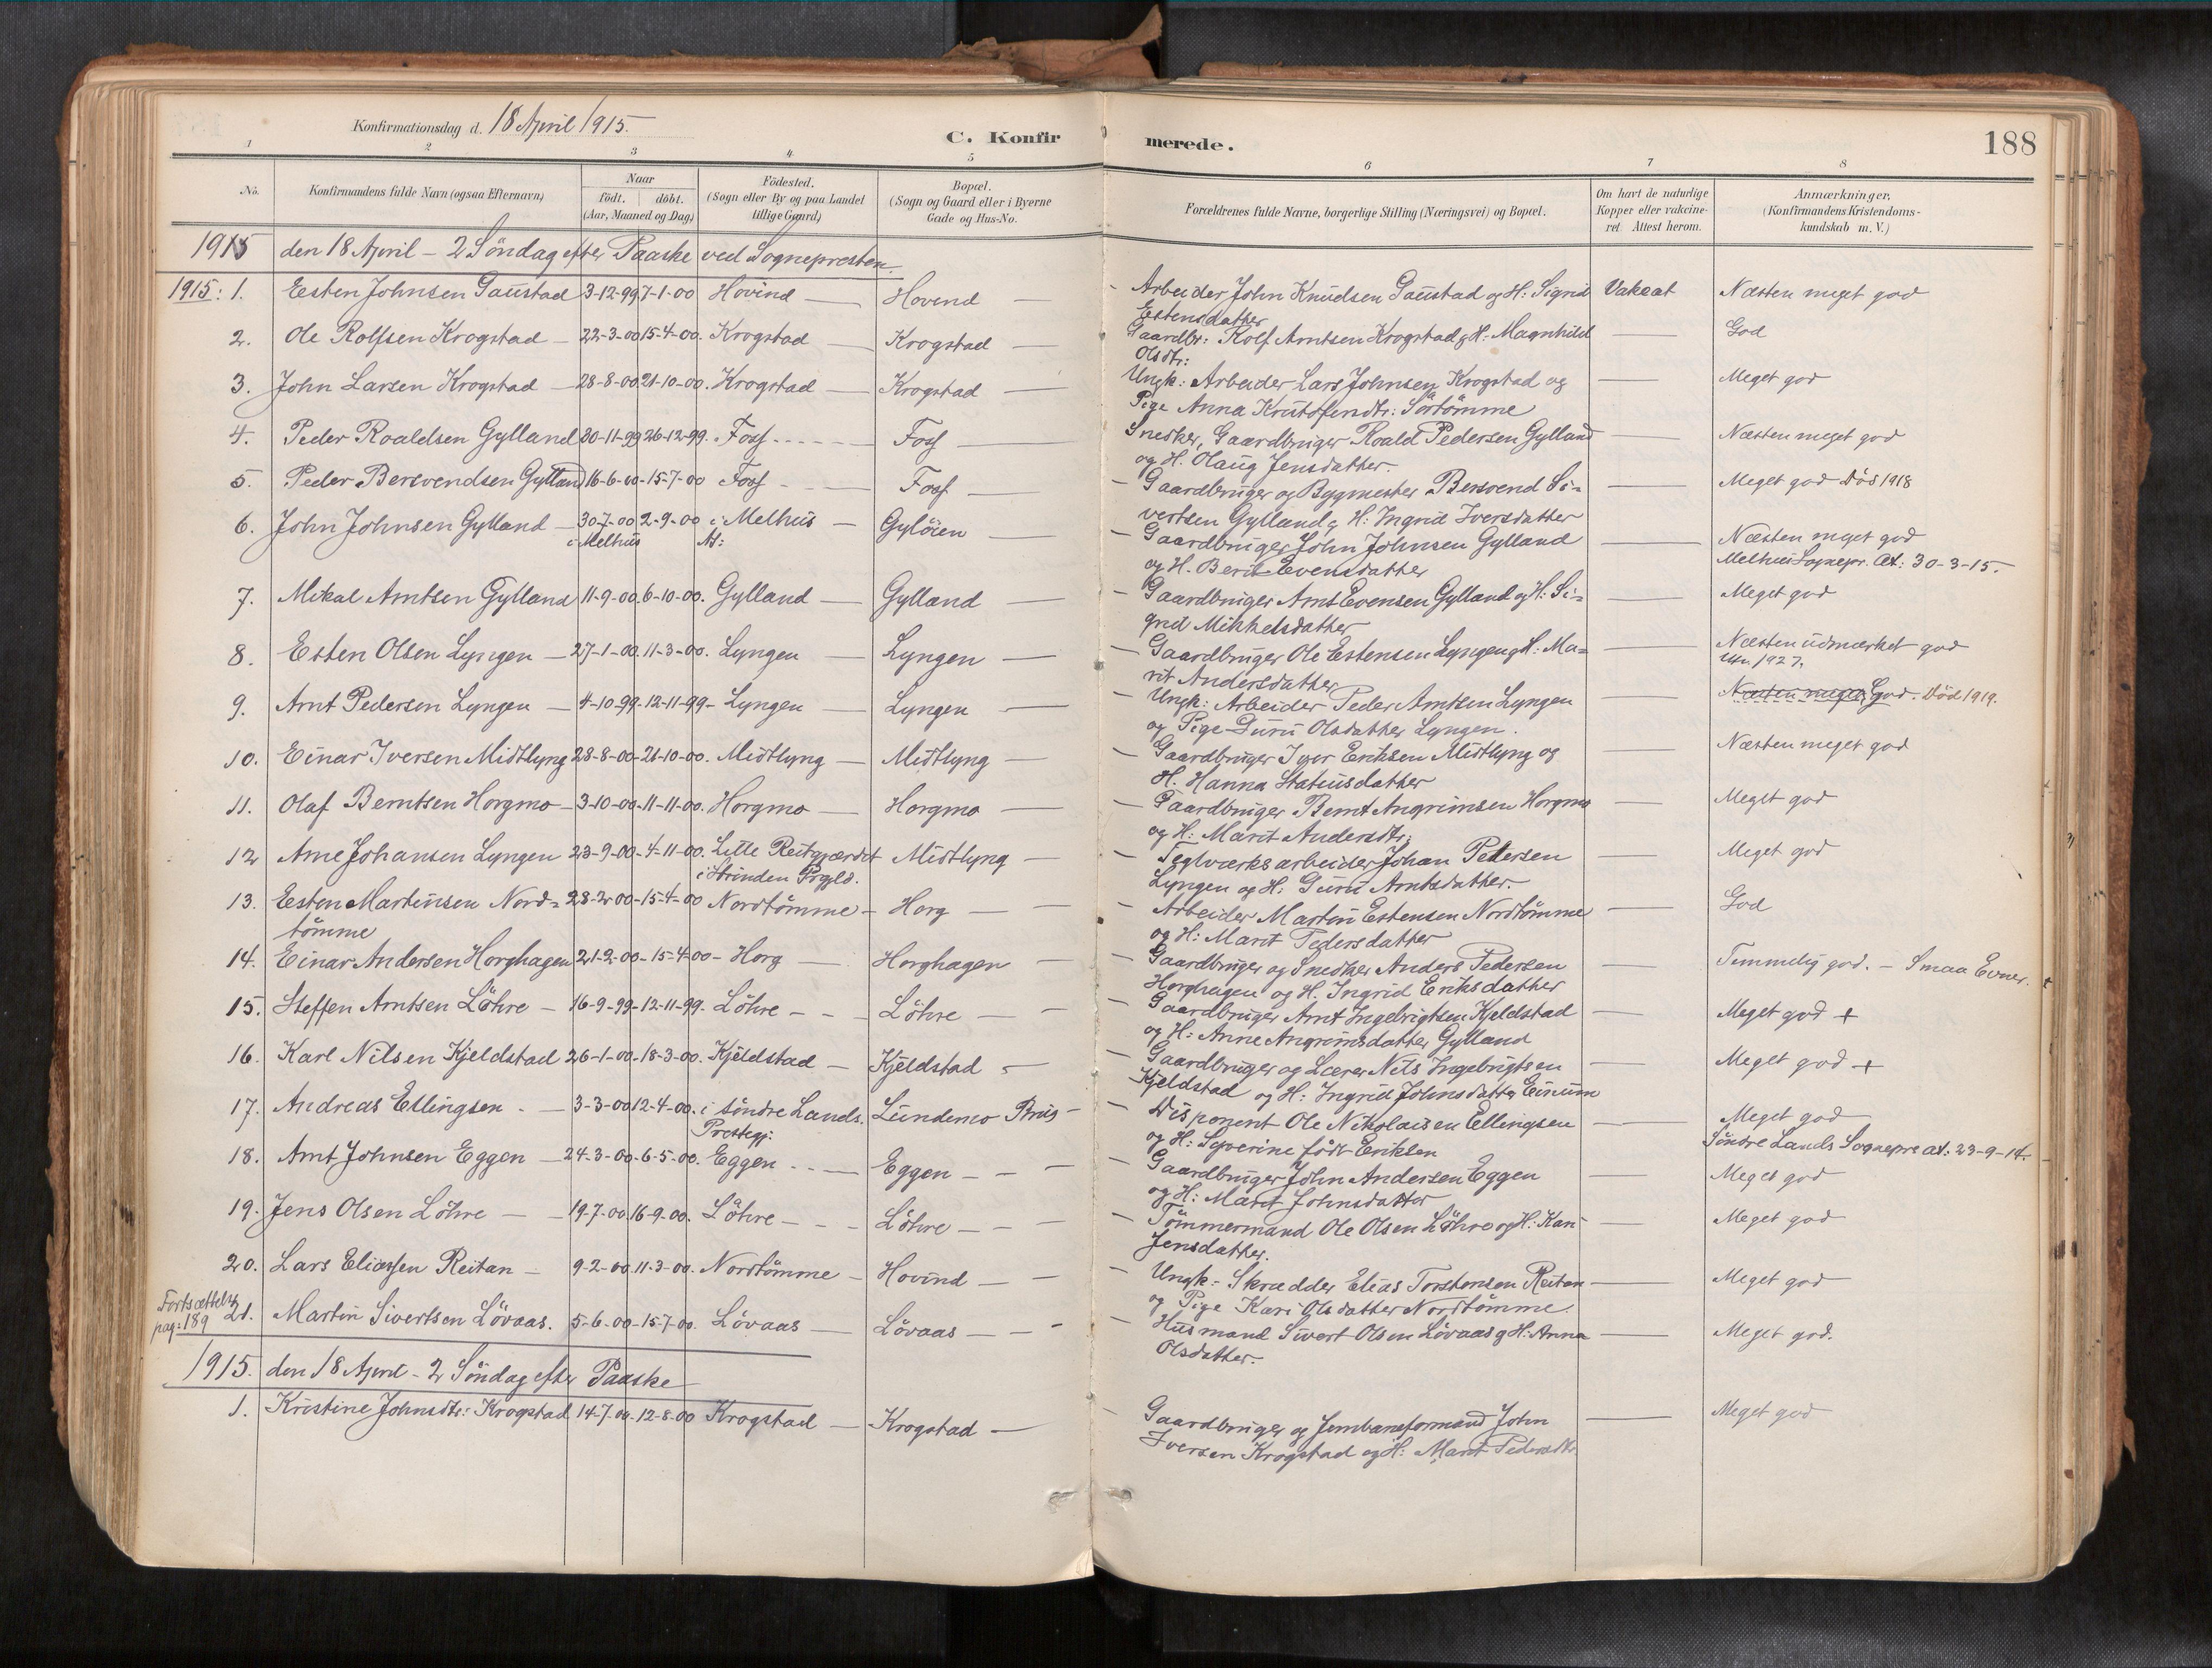 SAT, Ministerialprotokoller, klokkerbøker og fødselsregistre - Sør-Trøndelag, 692/L1105b: Ministerialbok nr. 692A06, 1891-1934, s. 188